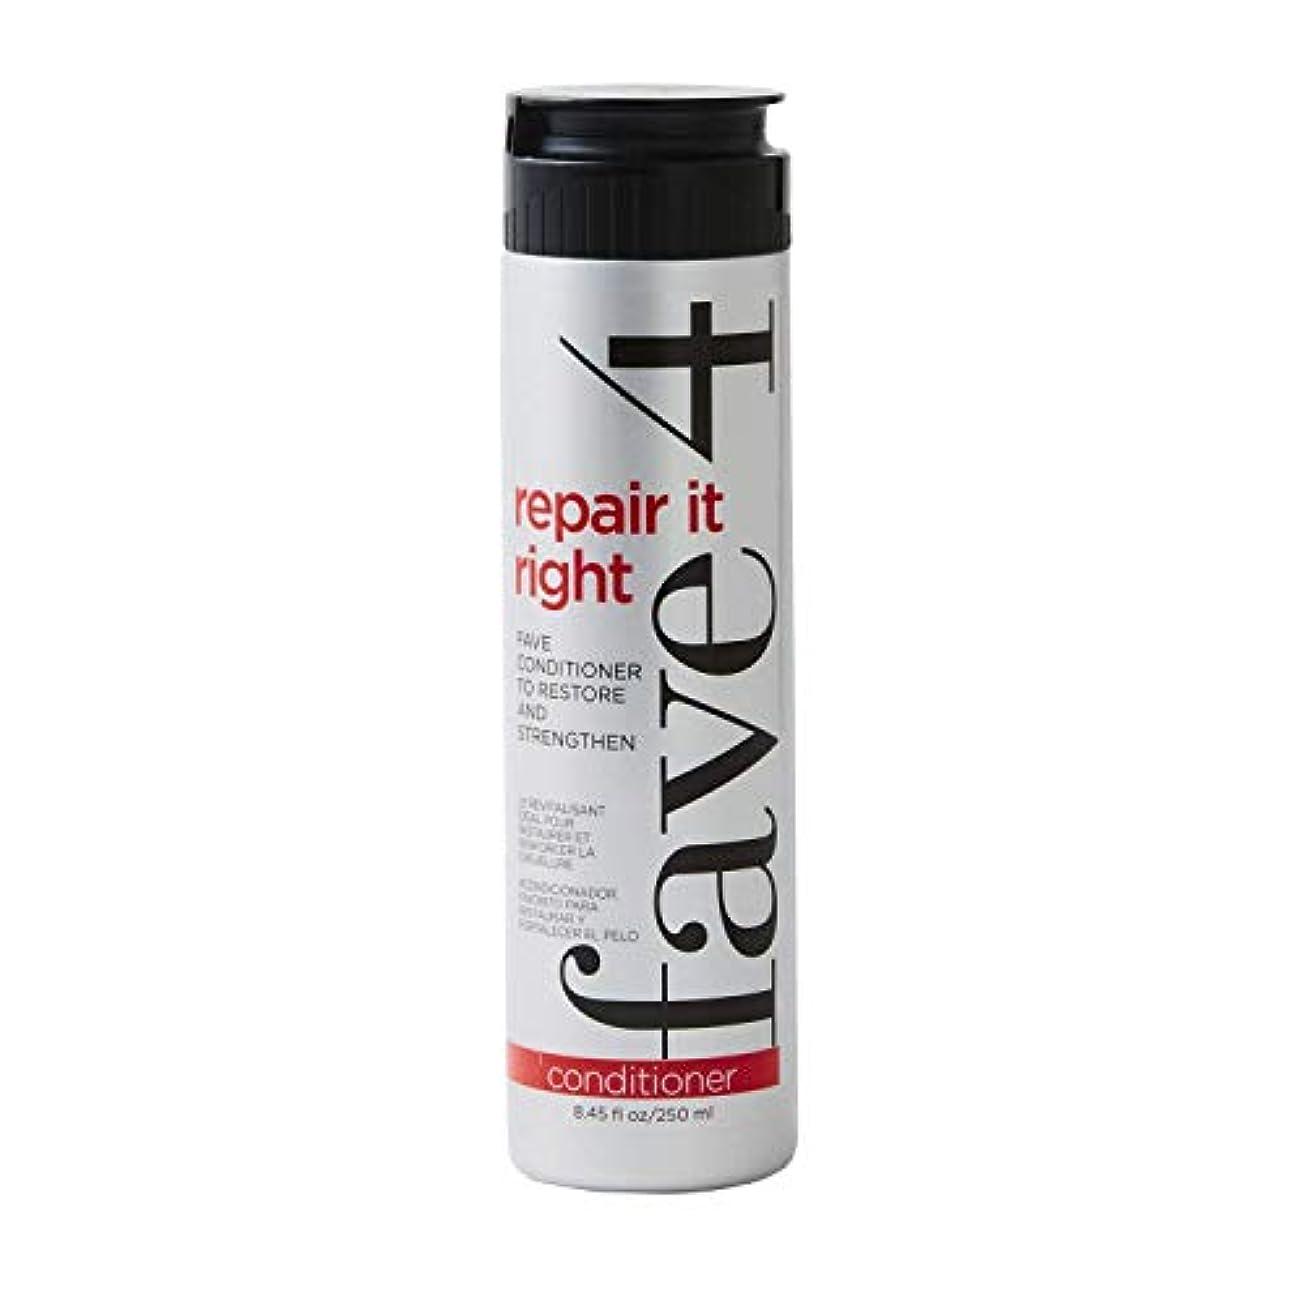 生命体慎重にくちばしfave4 復元し、強化するために右フェイブConditonerそれを修復 - 硫酸塩フリー|パラベンフリー|グルテンフリー|無添加塩化ナトリウムありません|虐待無料|色処理した毛髪、8.5オンスのための安全な 8.5オンス